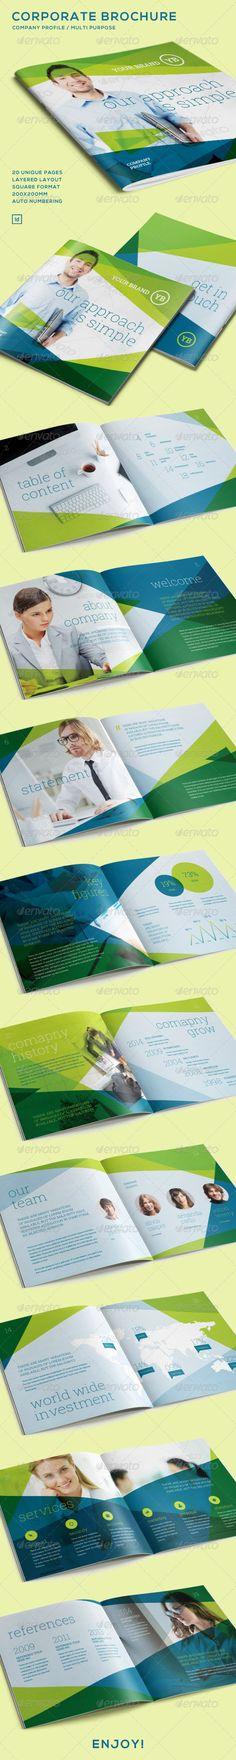 Corporate Brochure - Company Profile